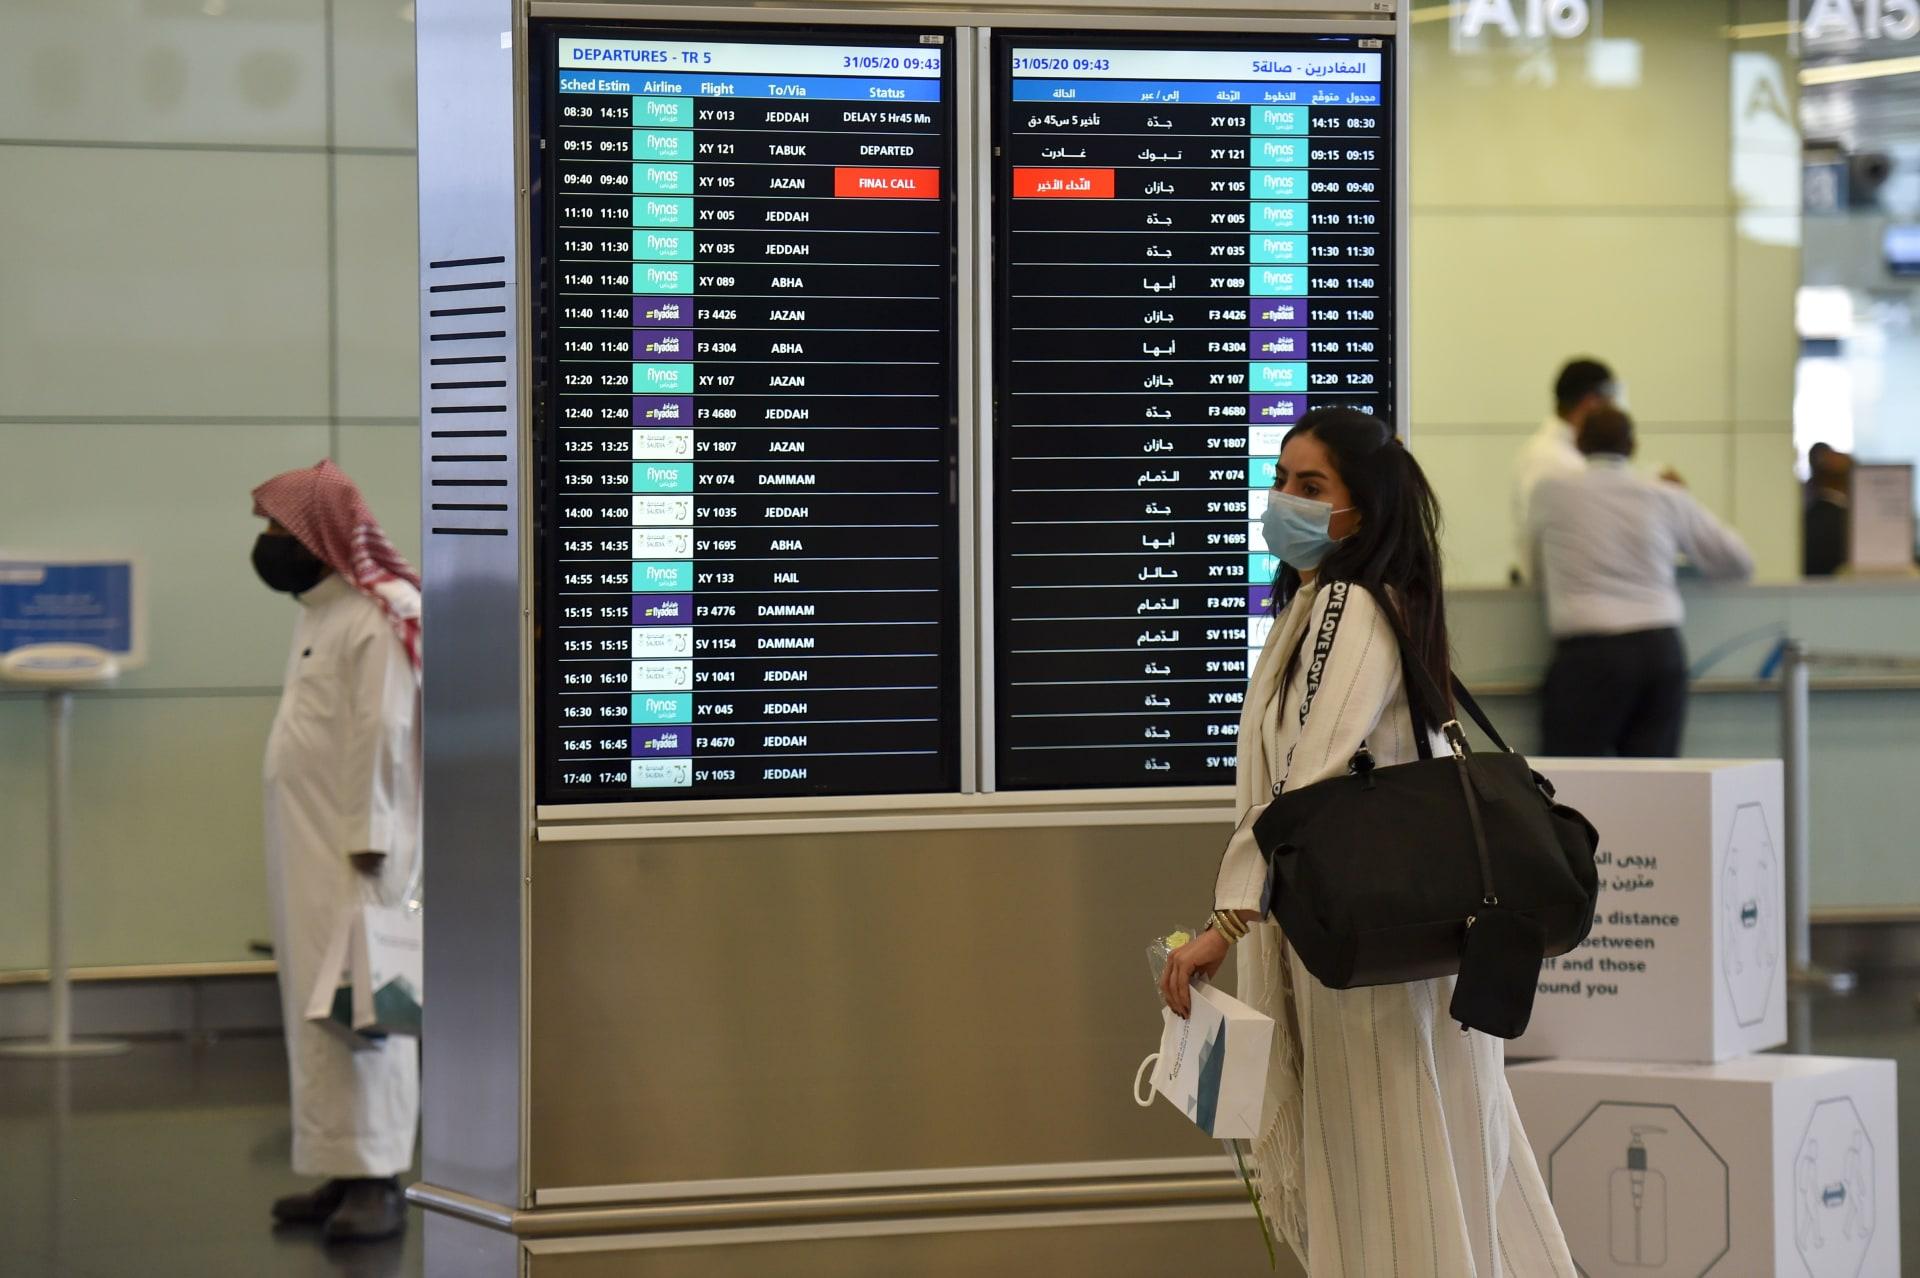 هيئة الطيران المدني السعودية تعلن السماح لغير السعوديين بمغادرة المملكة